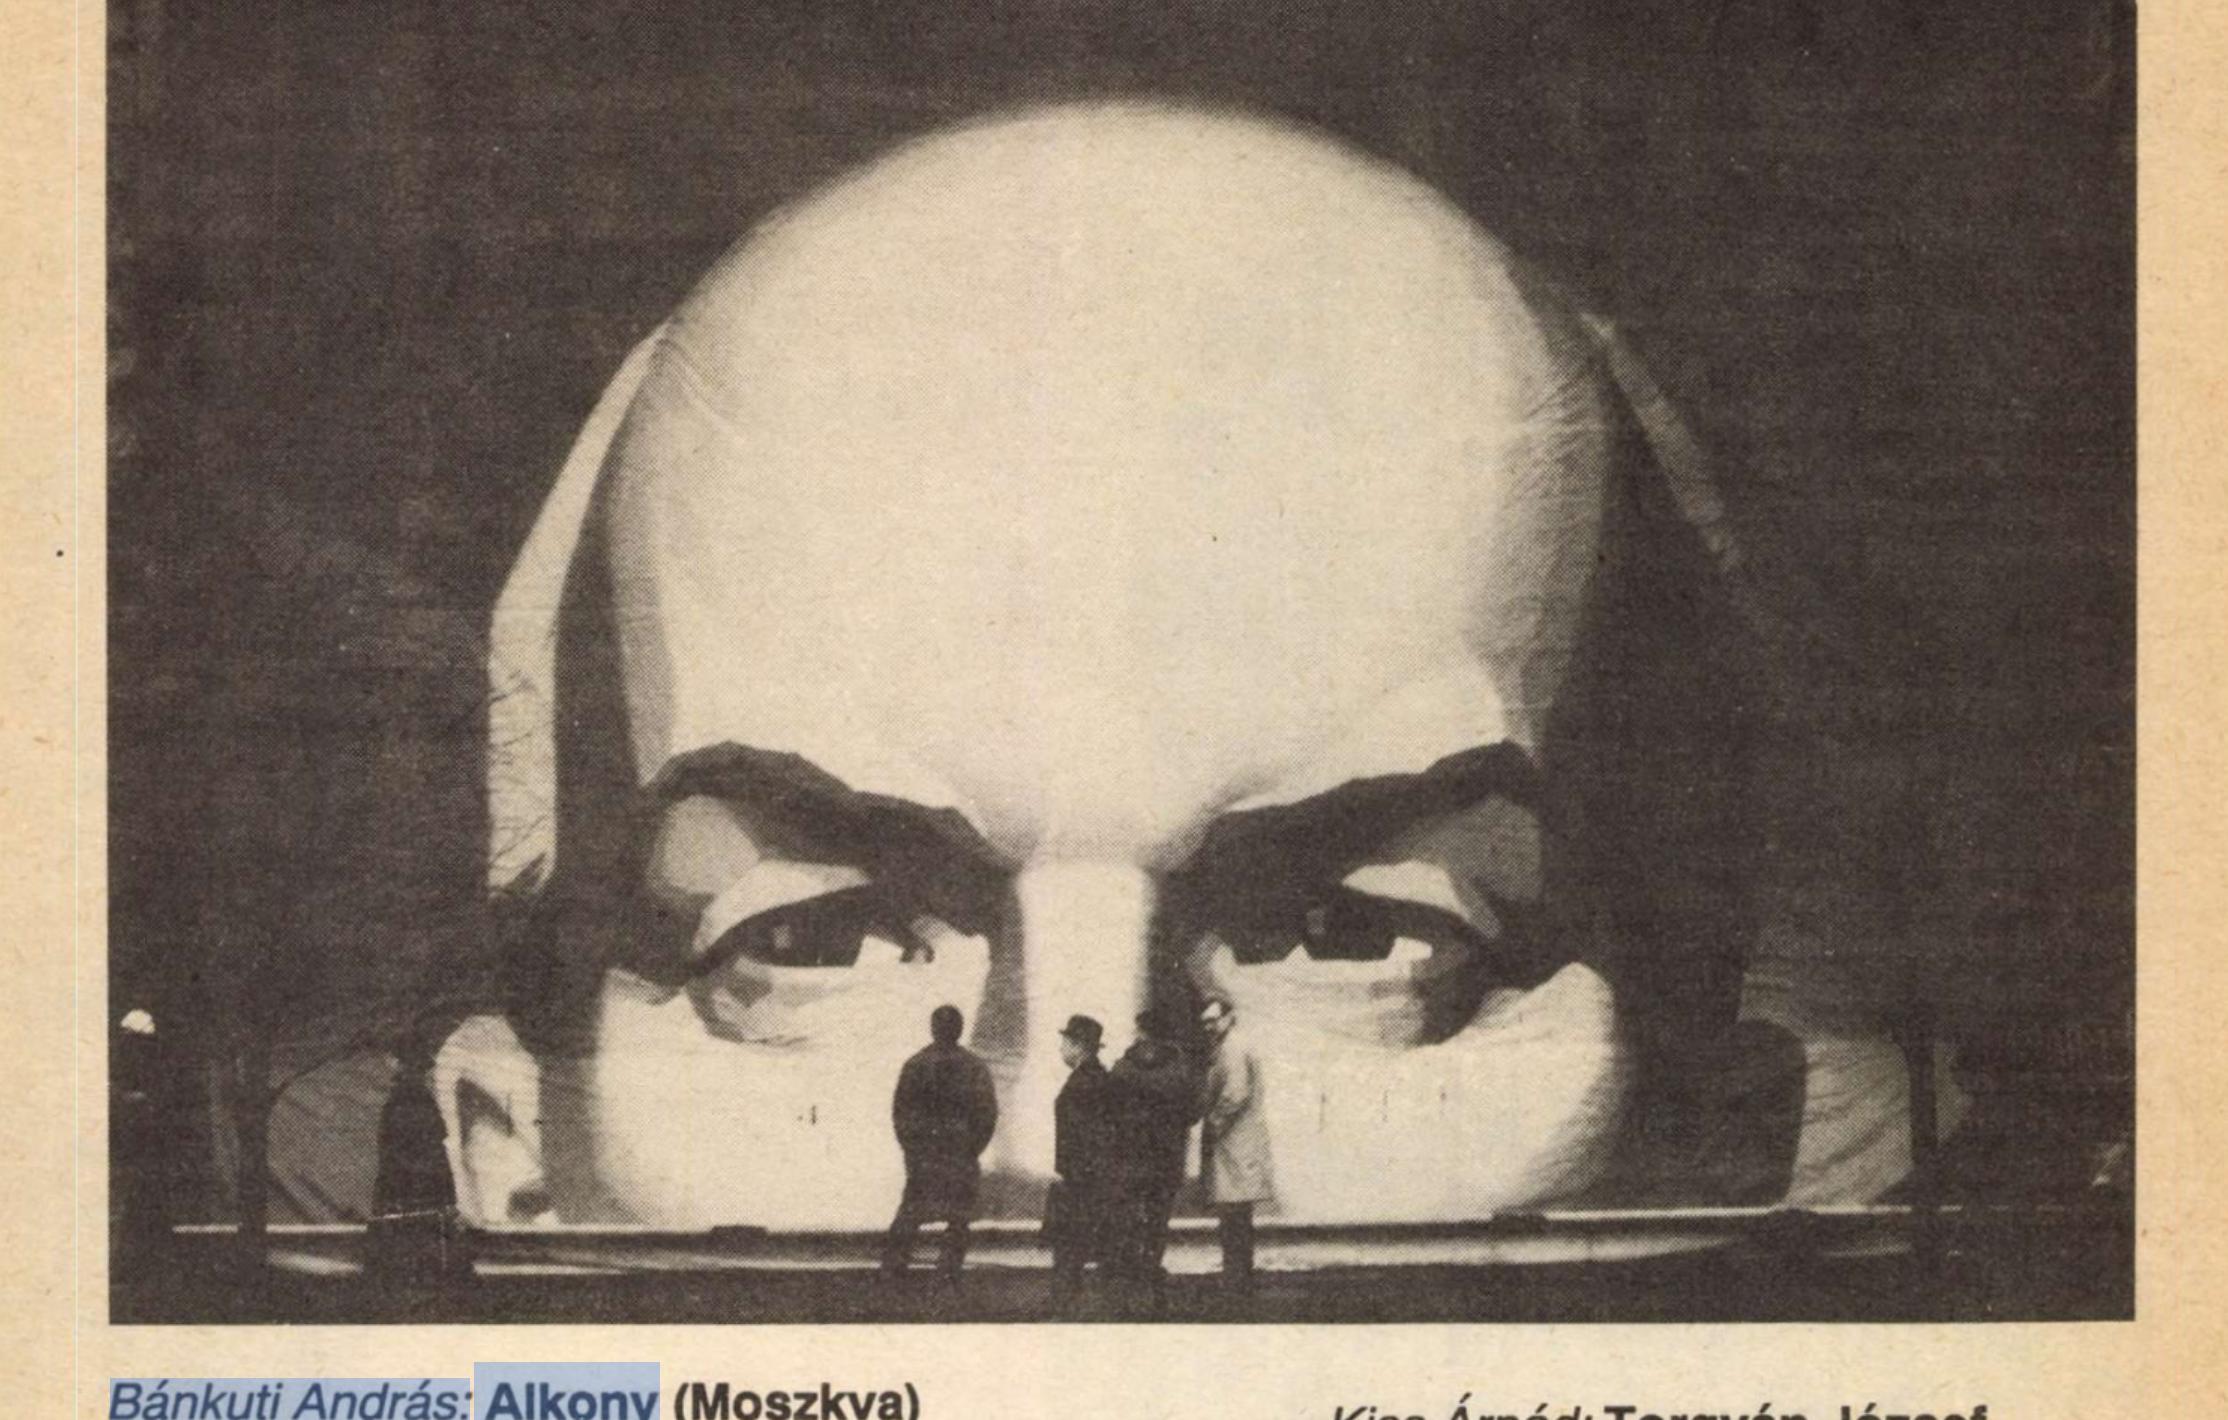 bankuti_magyar_sajto199102.png